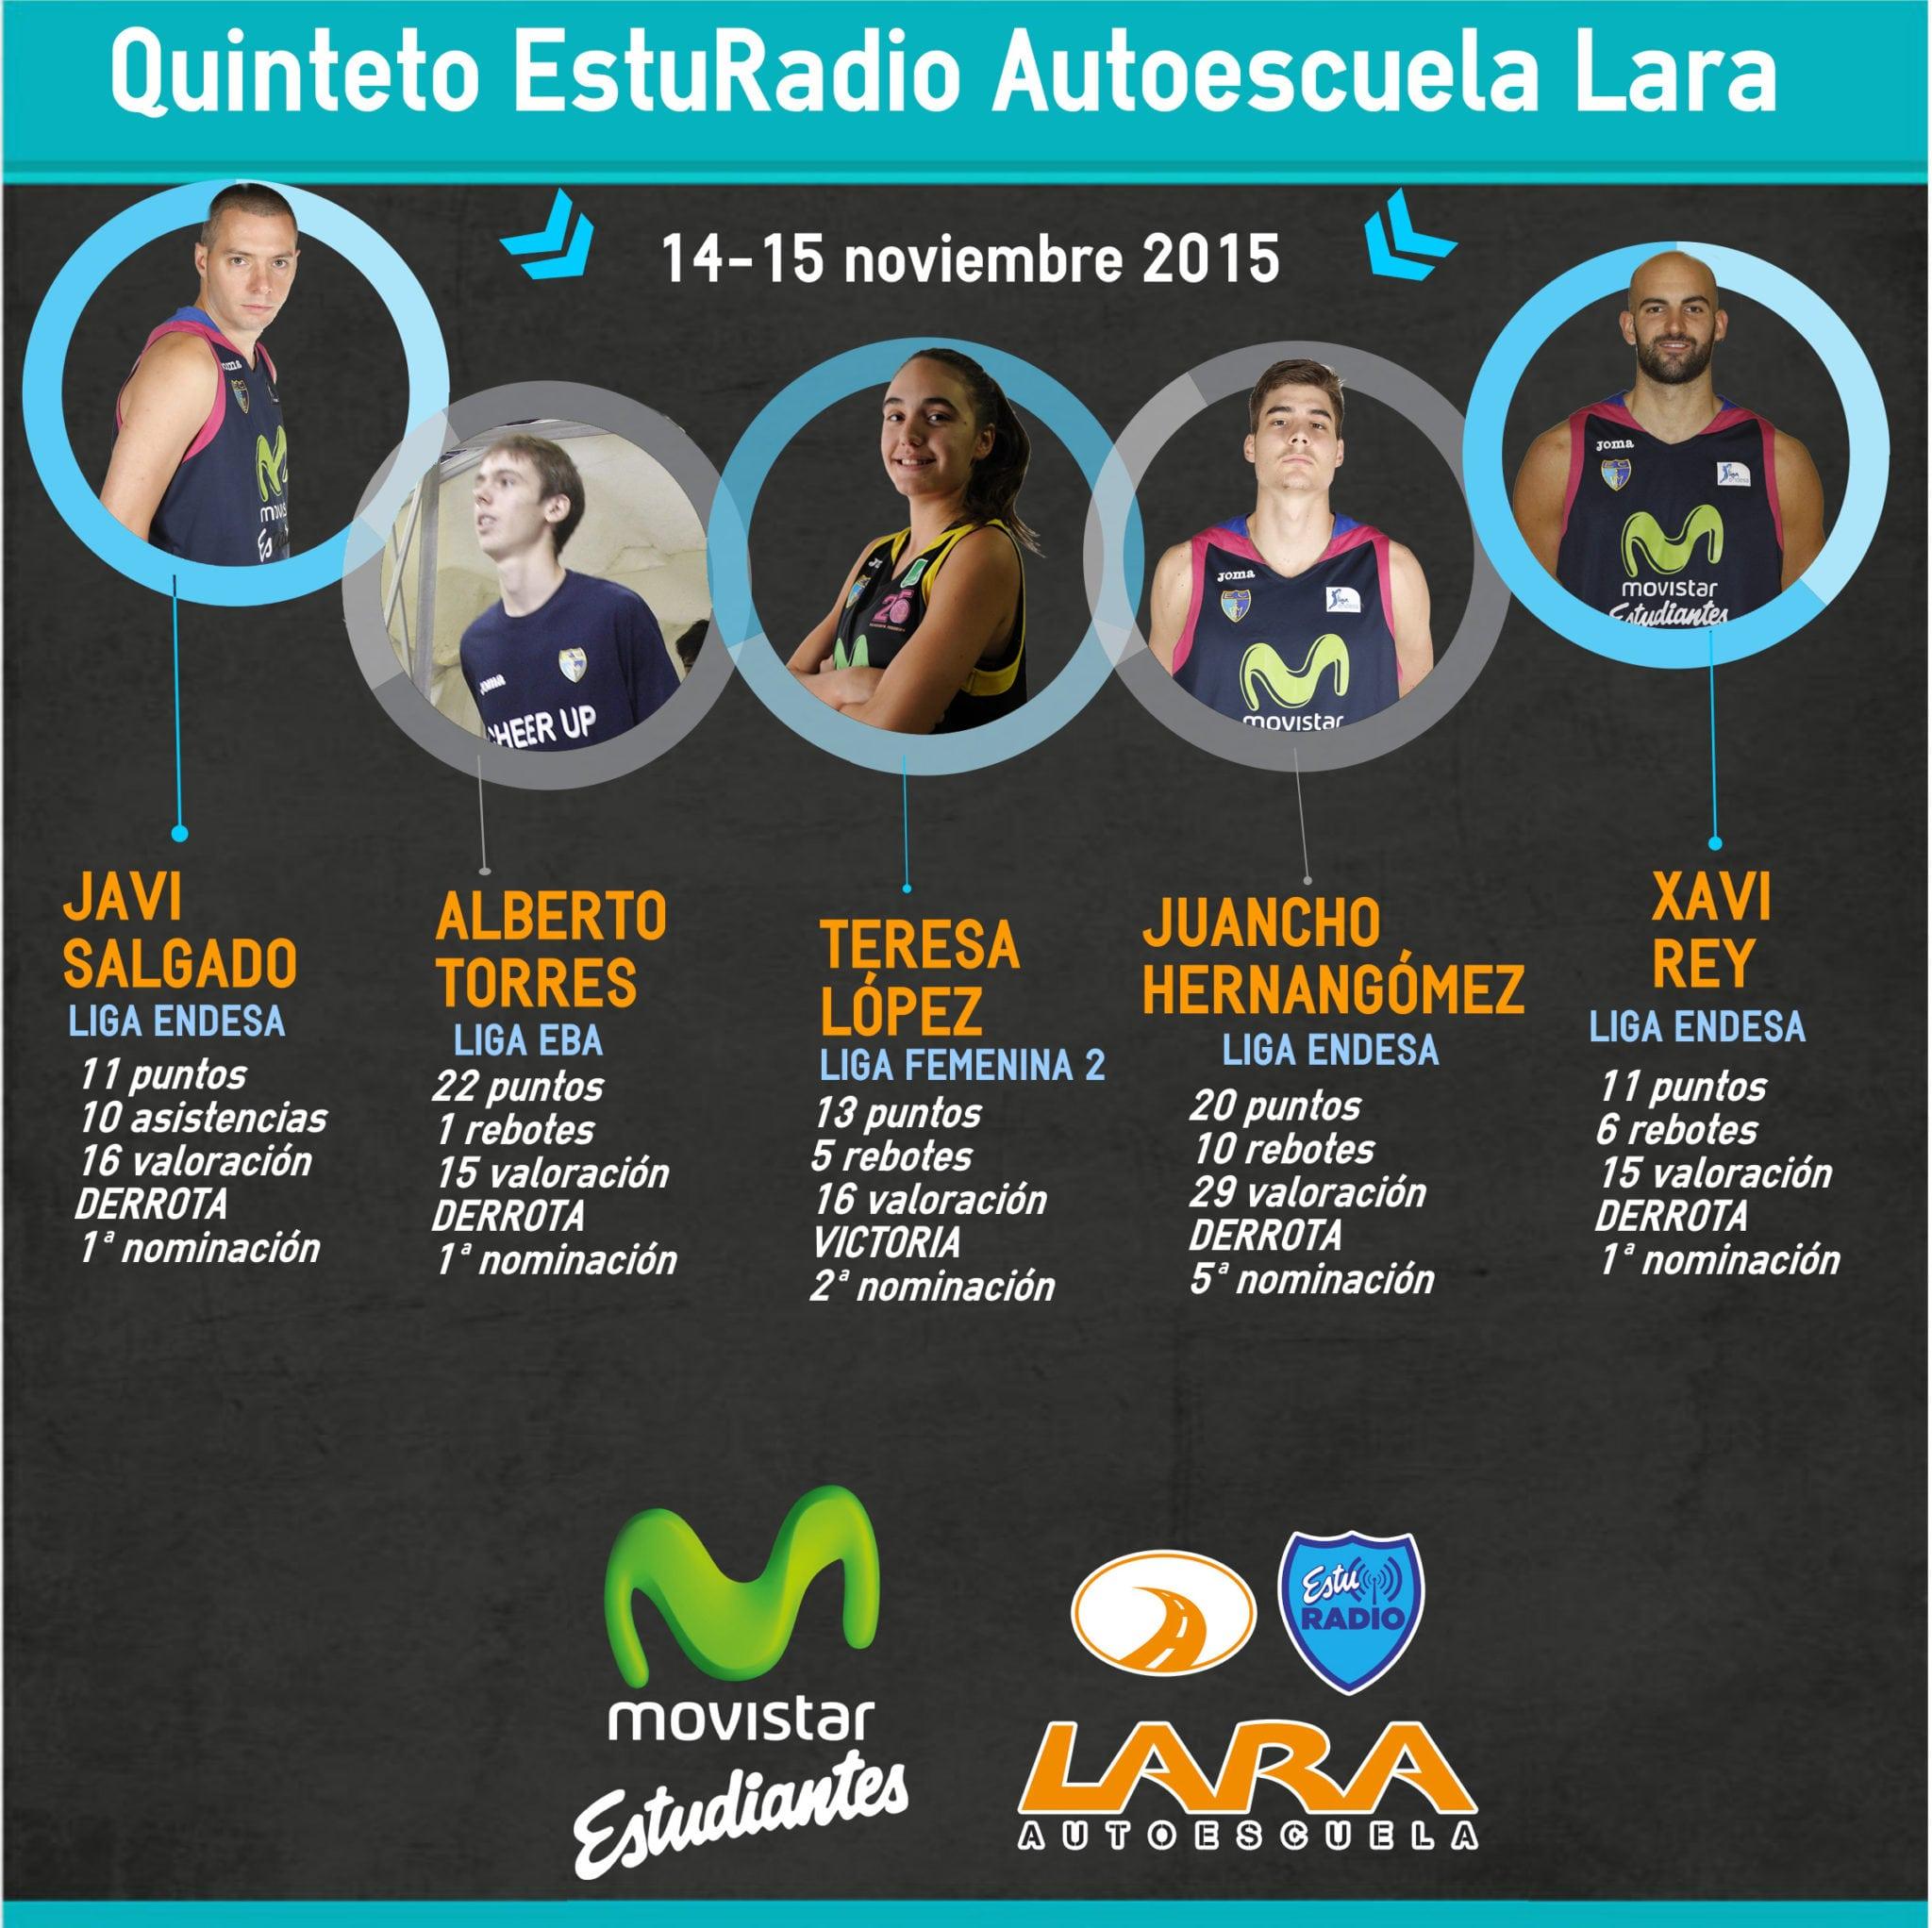 5º Quinteto EstuRadio: Salgado, Torres, T. López, Hernangómez y Rey